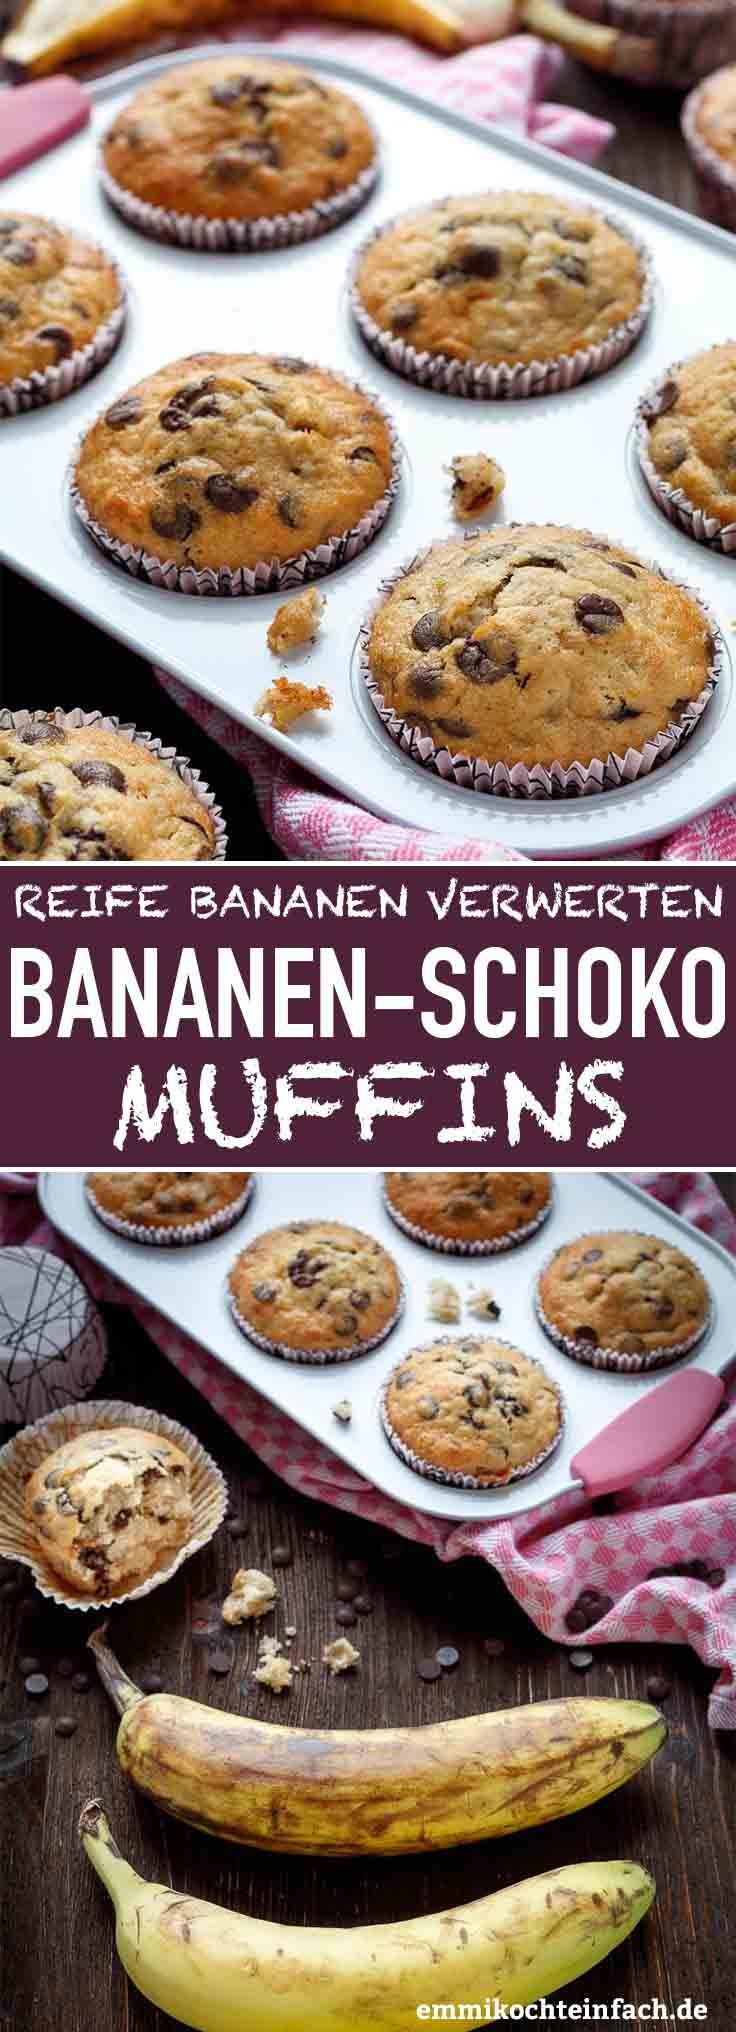 Einfache Bananen-Schokoladen-Muffins | Die ideale Restausnutzung für alle reifen Ba …   – emmikochteinfach – Der Food-Blog mit einfachen Rezepten, die gelingen